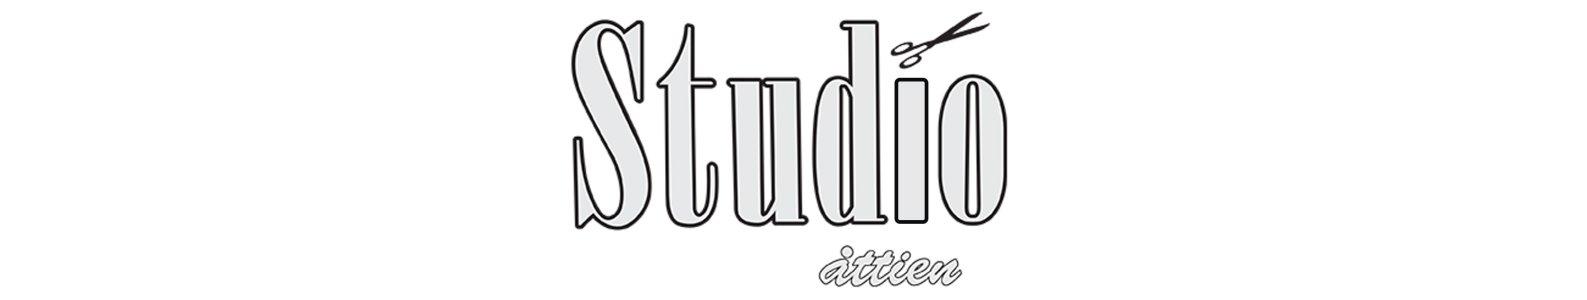 Studio Åttien